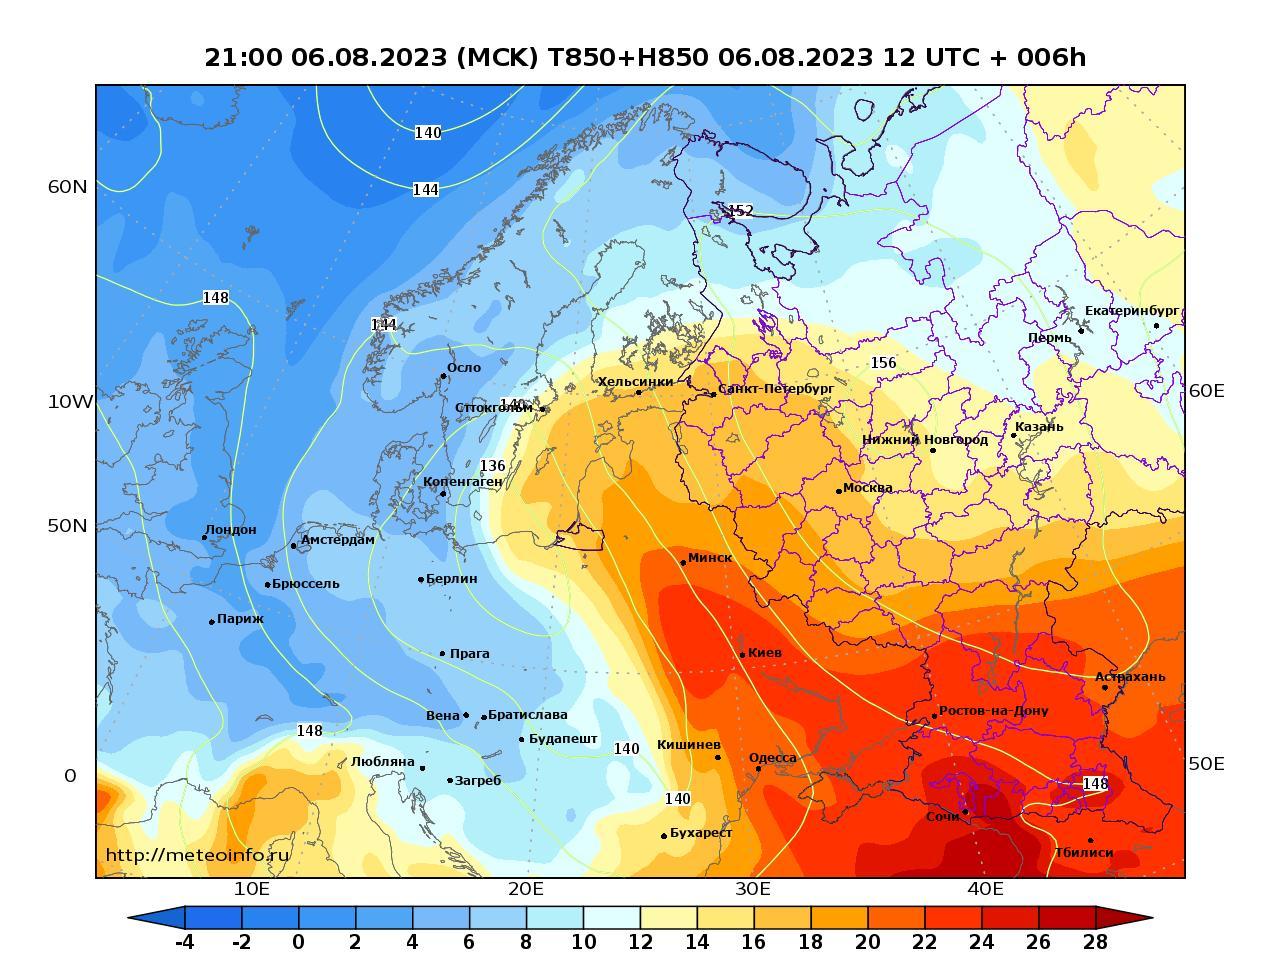 Европейская территория России, прогностическая карта температура T850 и геопотенциал H850, заблаговременность прогноза 6 часов